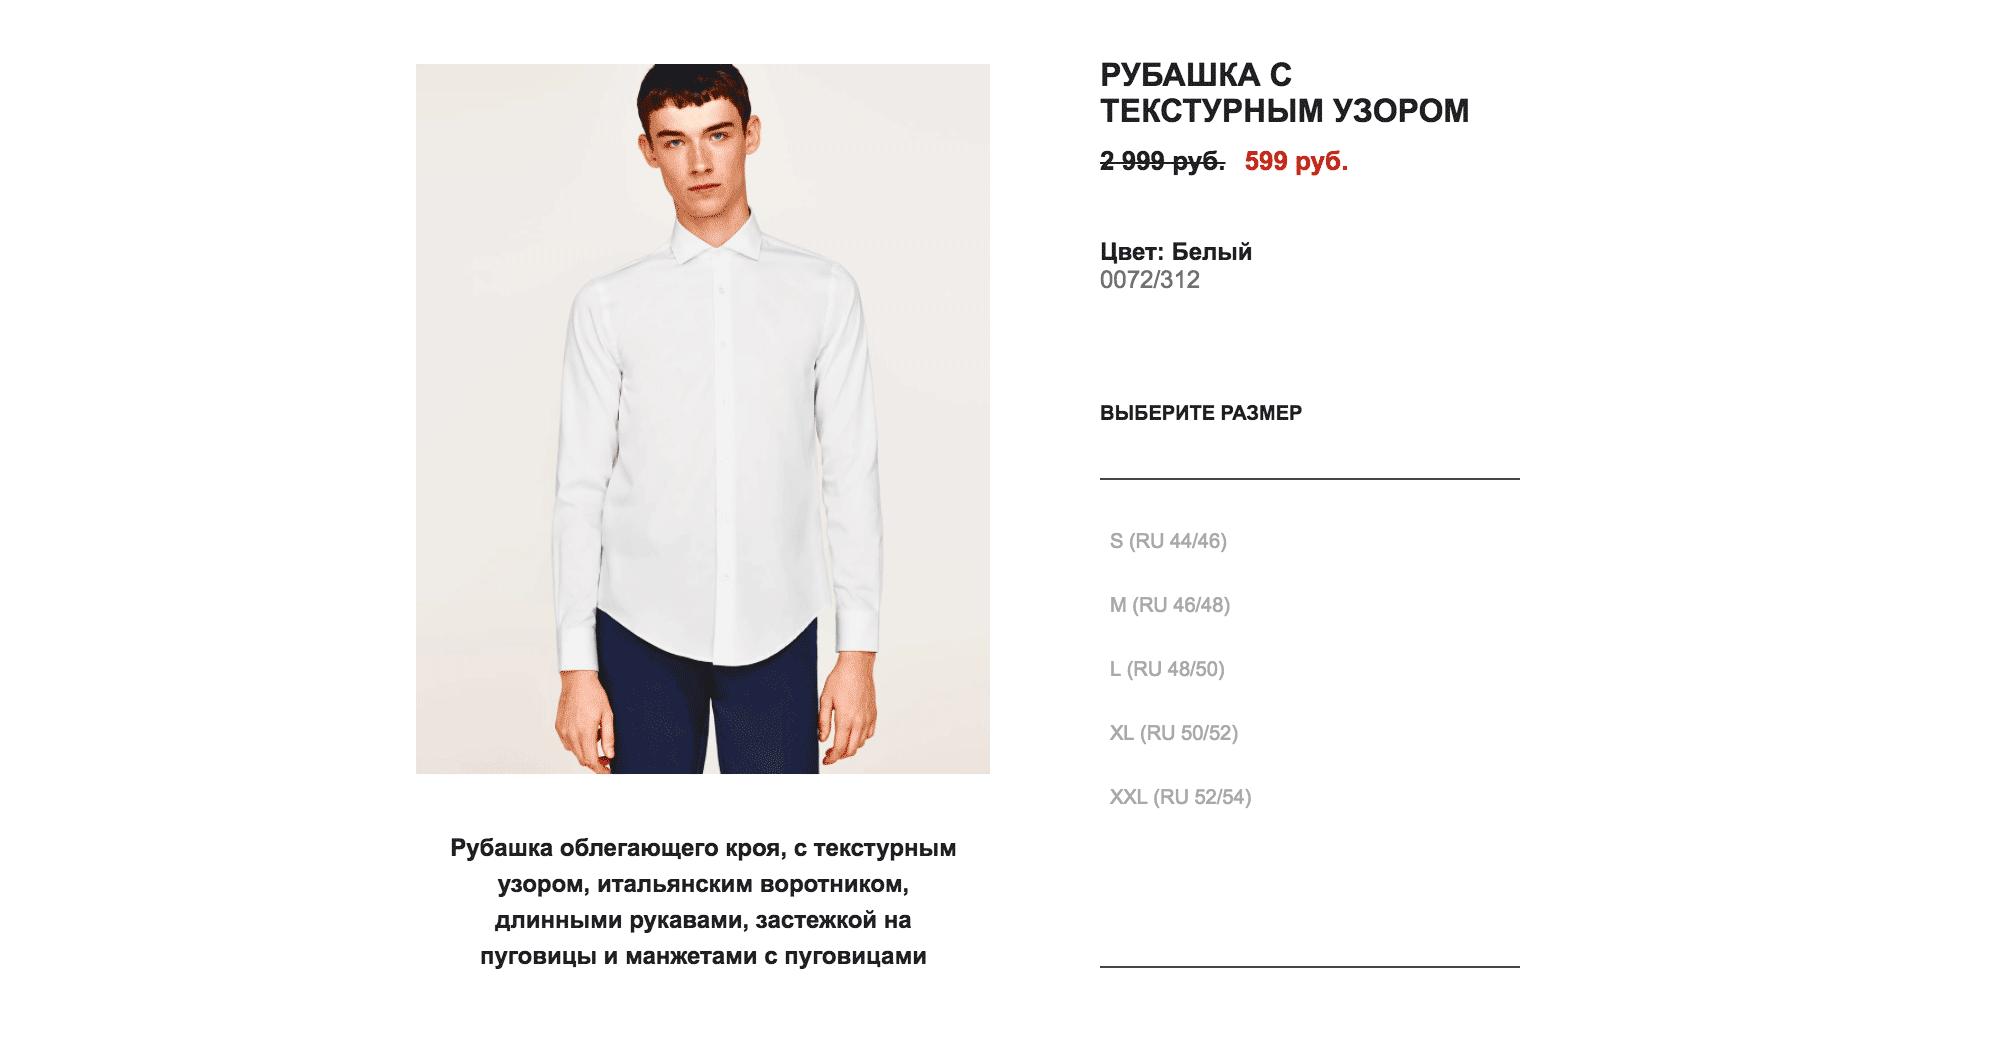 Белая рубашка «Зара», до скидки стоила 2999<span class=ruble>Р</span>